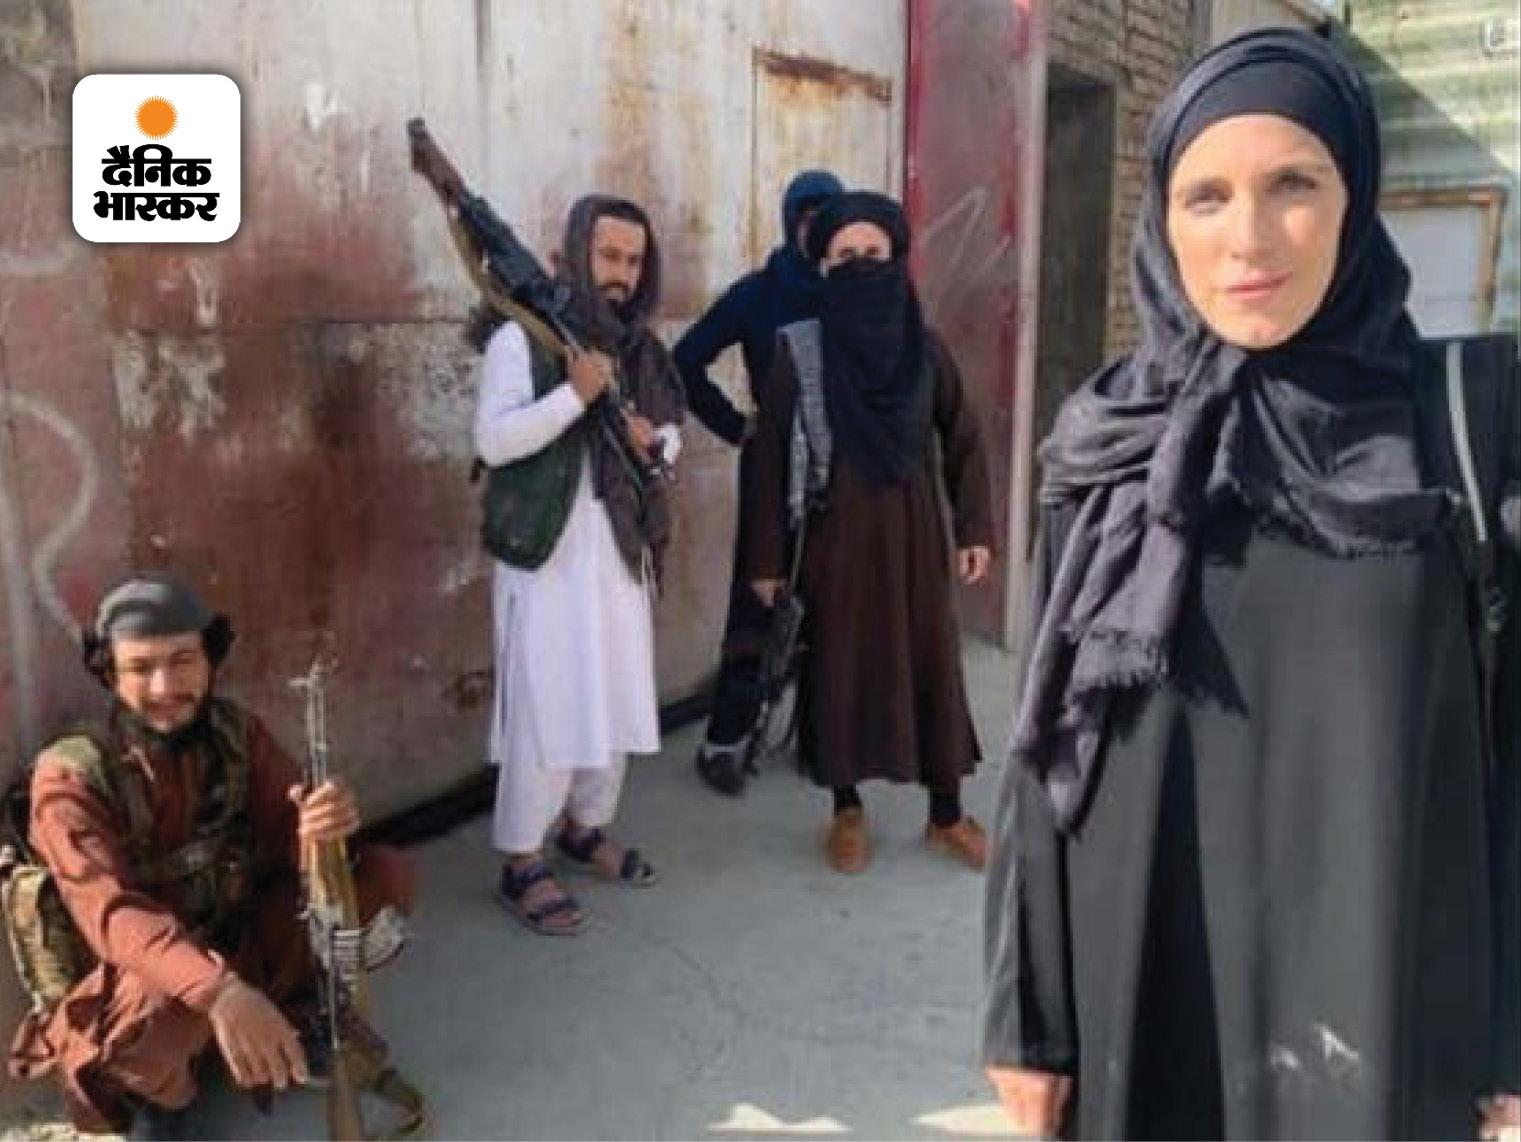 अफगानिस्तान में तालिबान के कब्जे के बाद ग्राउंड रिपोर्टिंग करती क्लैरिसा वार्ड।